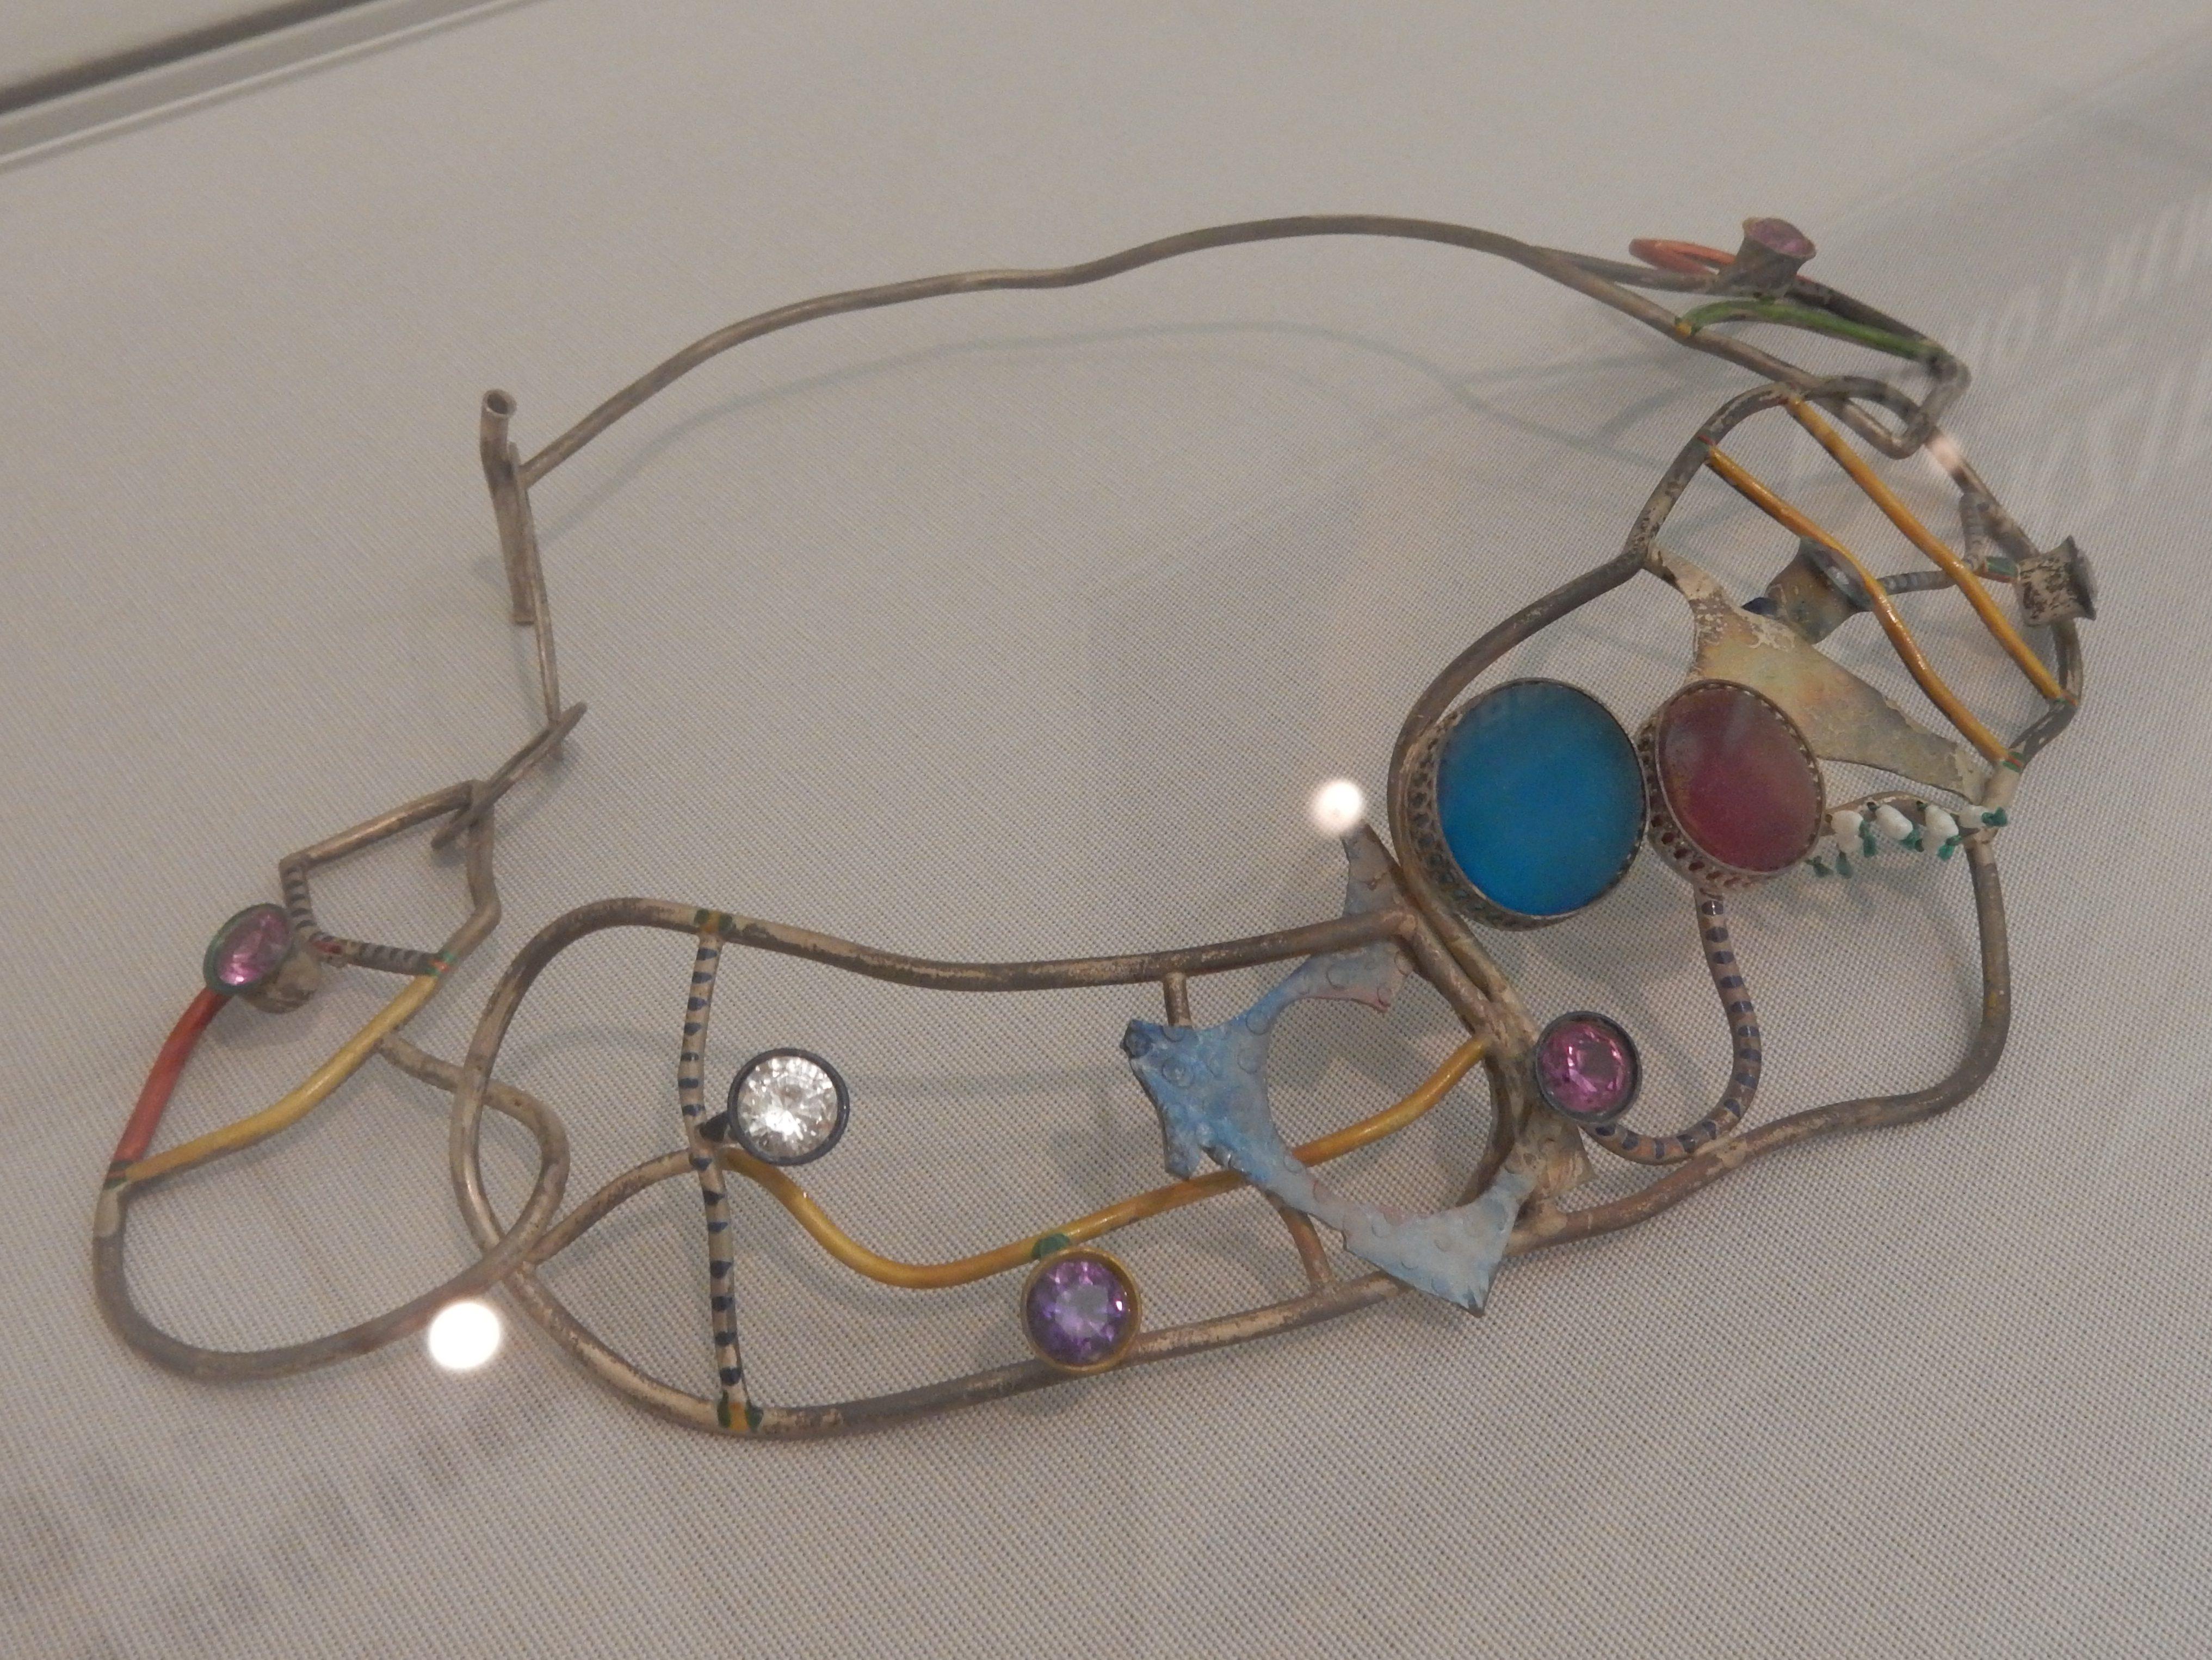 Marion Herbst, halssieraad, zilver, glas, en synthetische edelstenen, 1993. Stedelijk Museum Amsterdam, 2016, metaal